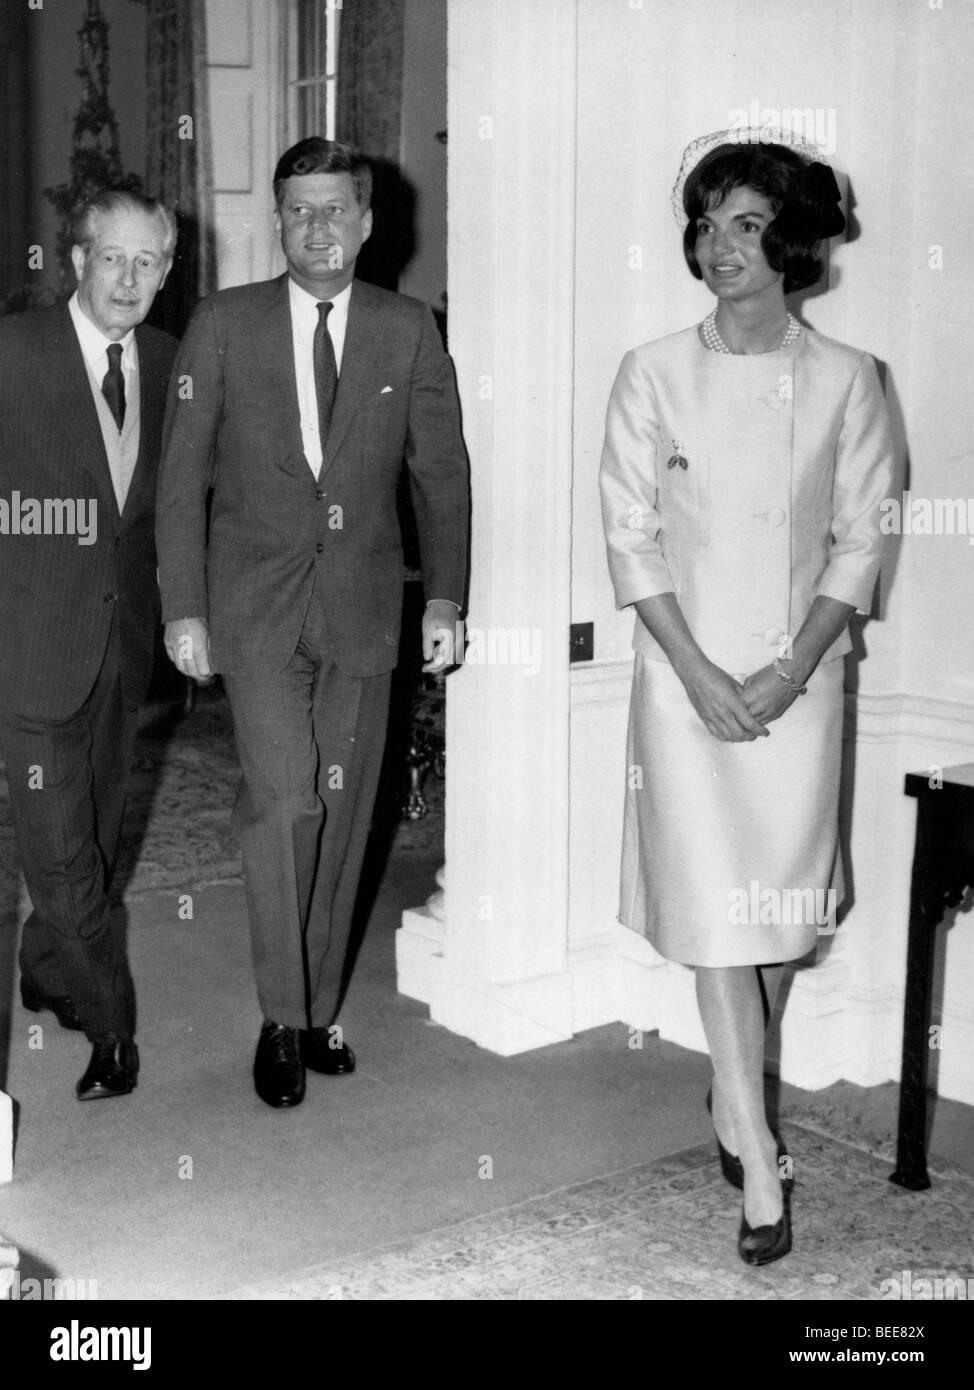 Il presidente statunitense John F Kennedy, e la First Lady Jaqueline durante una visita a Londra per il battesimo del loro nipote nel 1961. Foto Stock